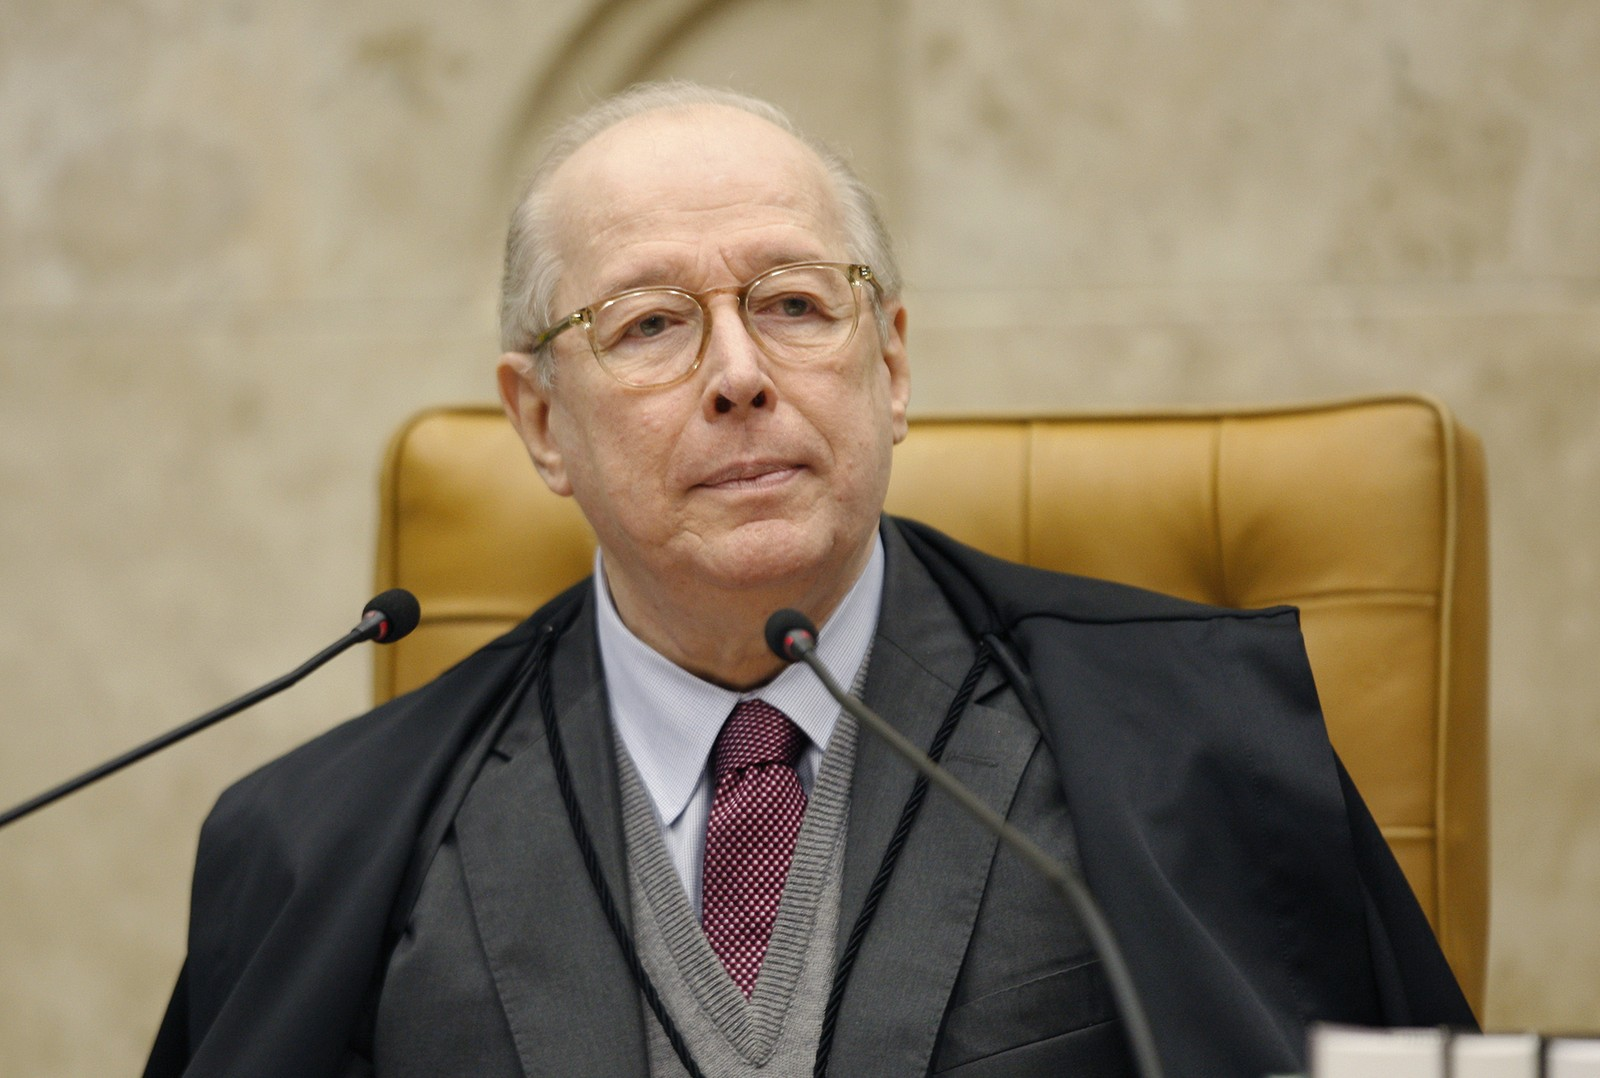 Ministro Celso de Mello antecipa aposentadoria do STF